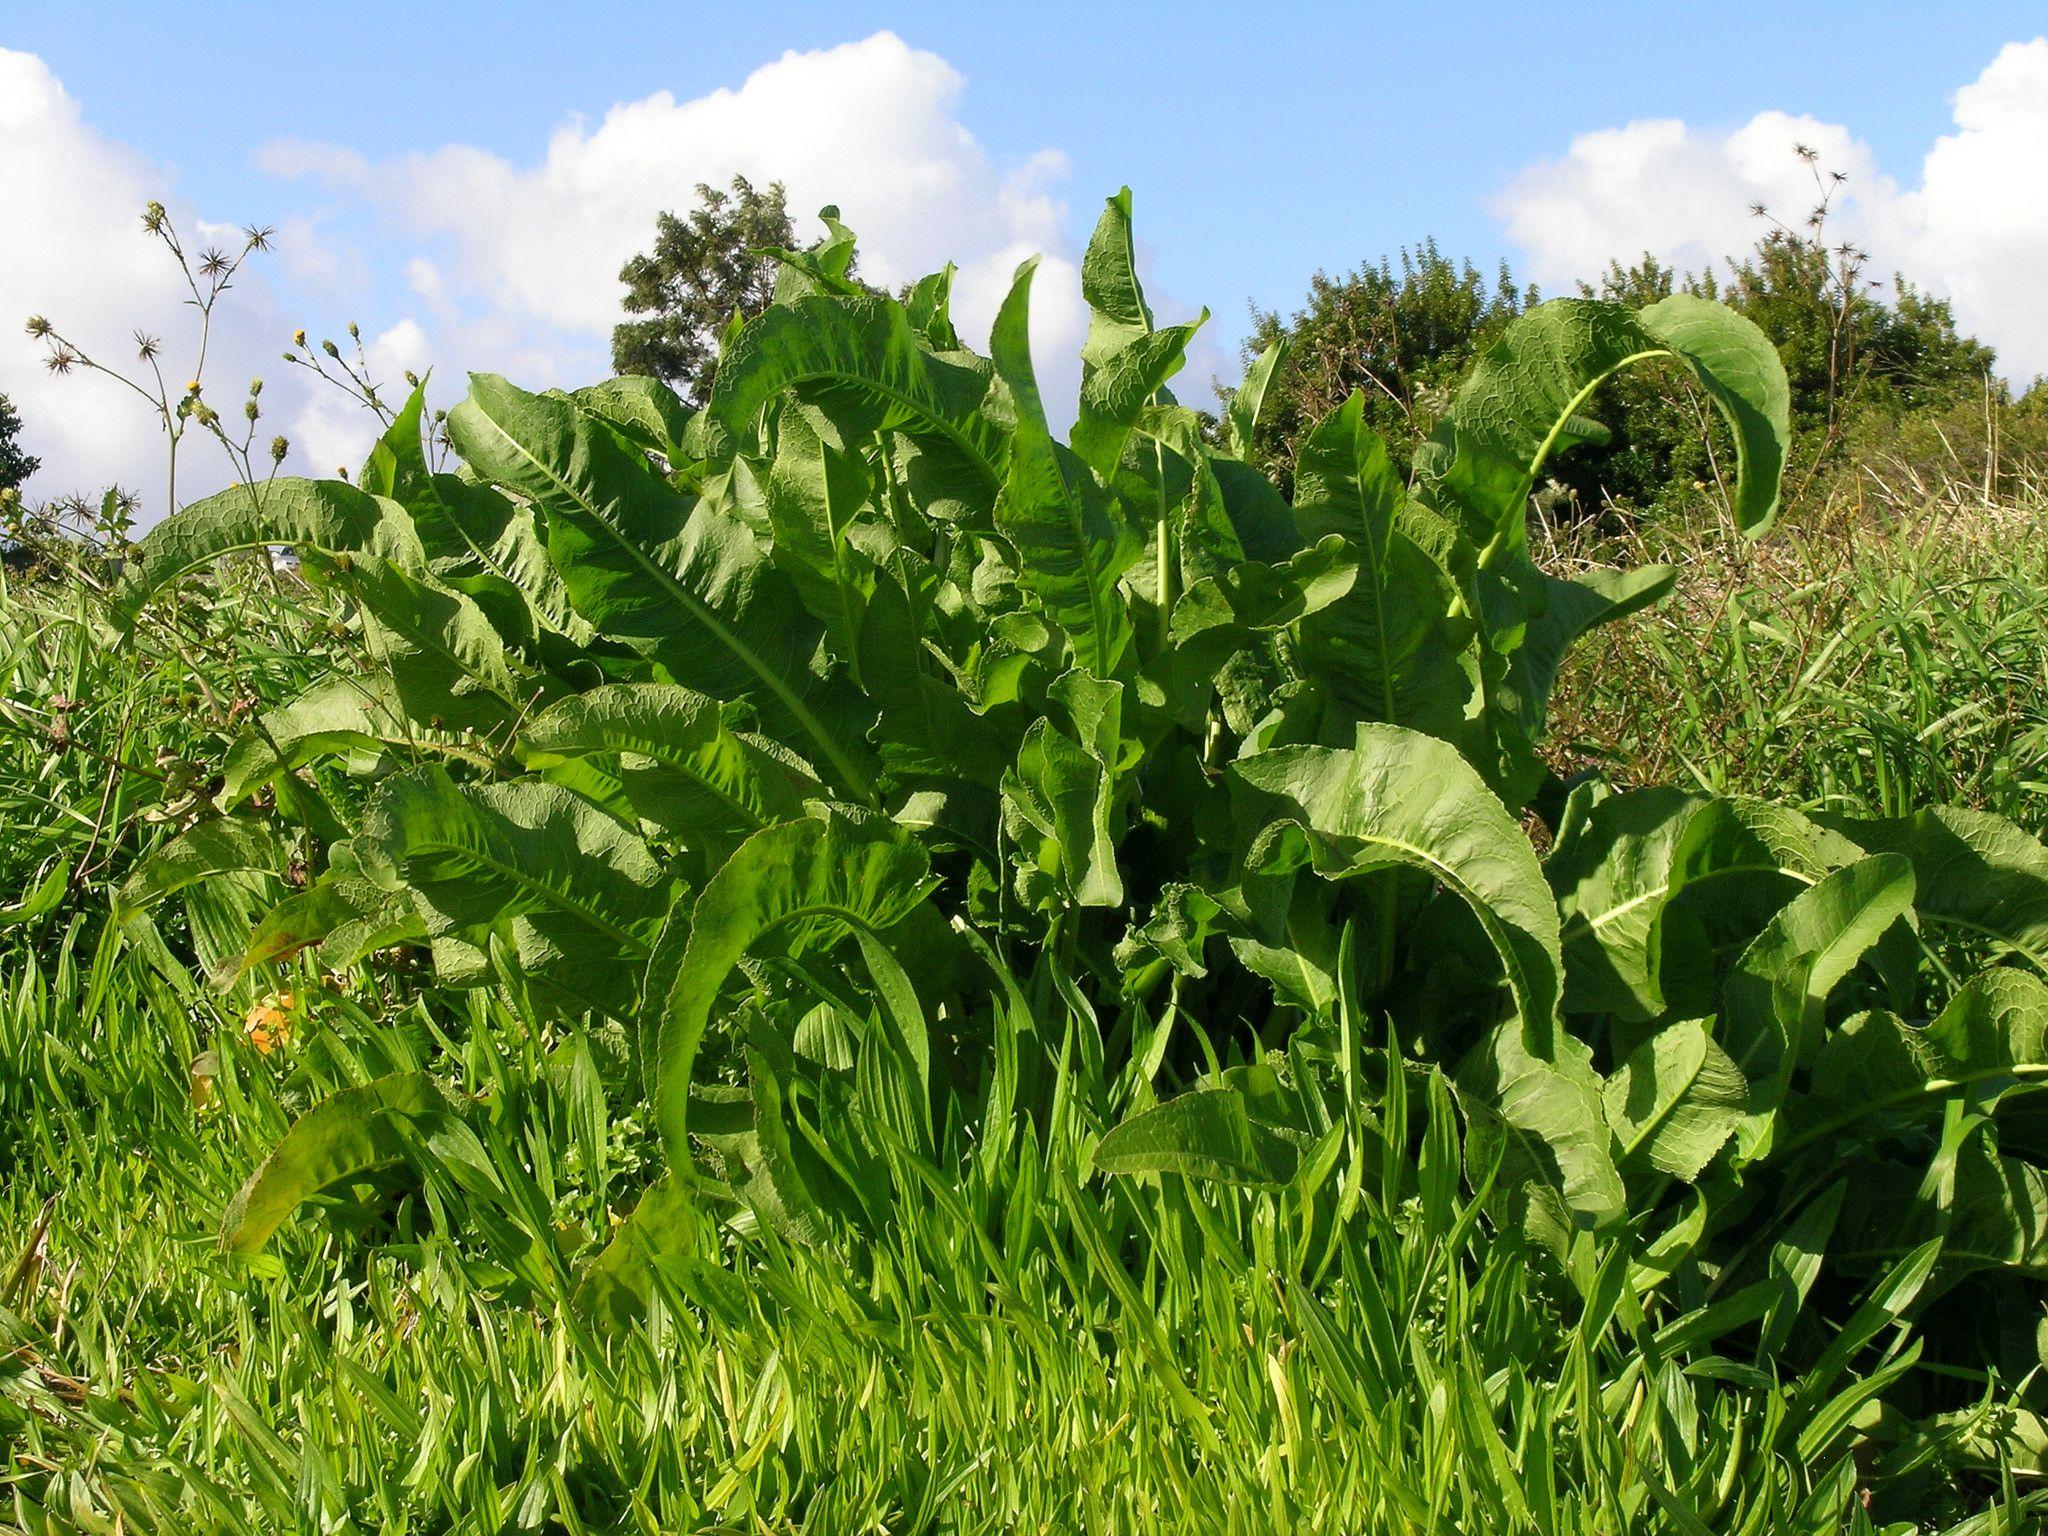 Hojas de plantas de muelle que crecen en el campo